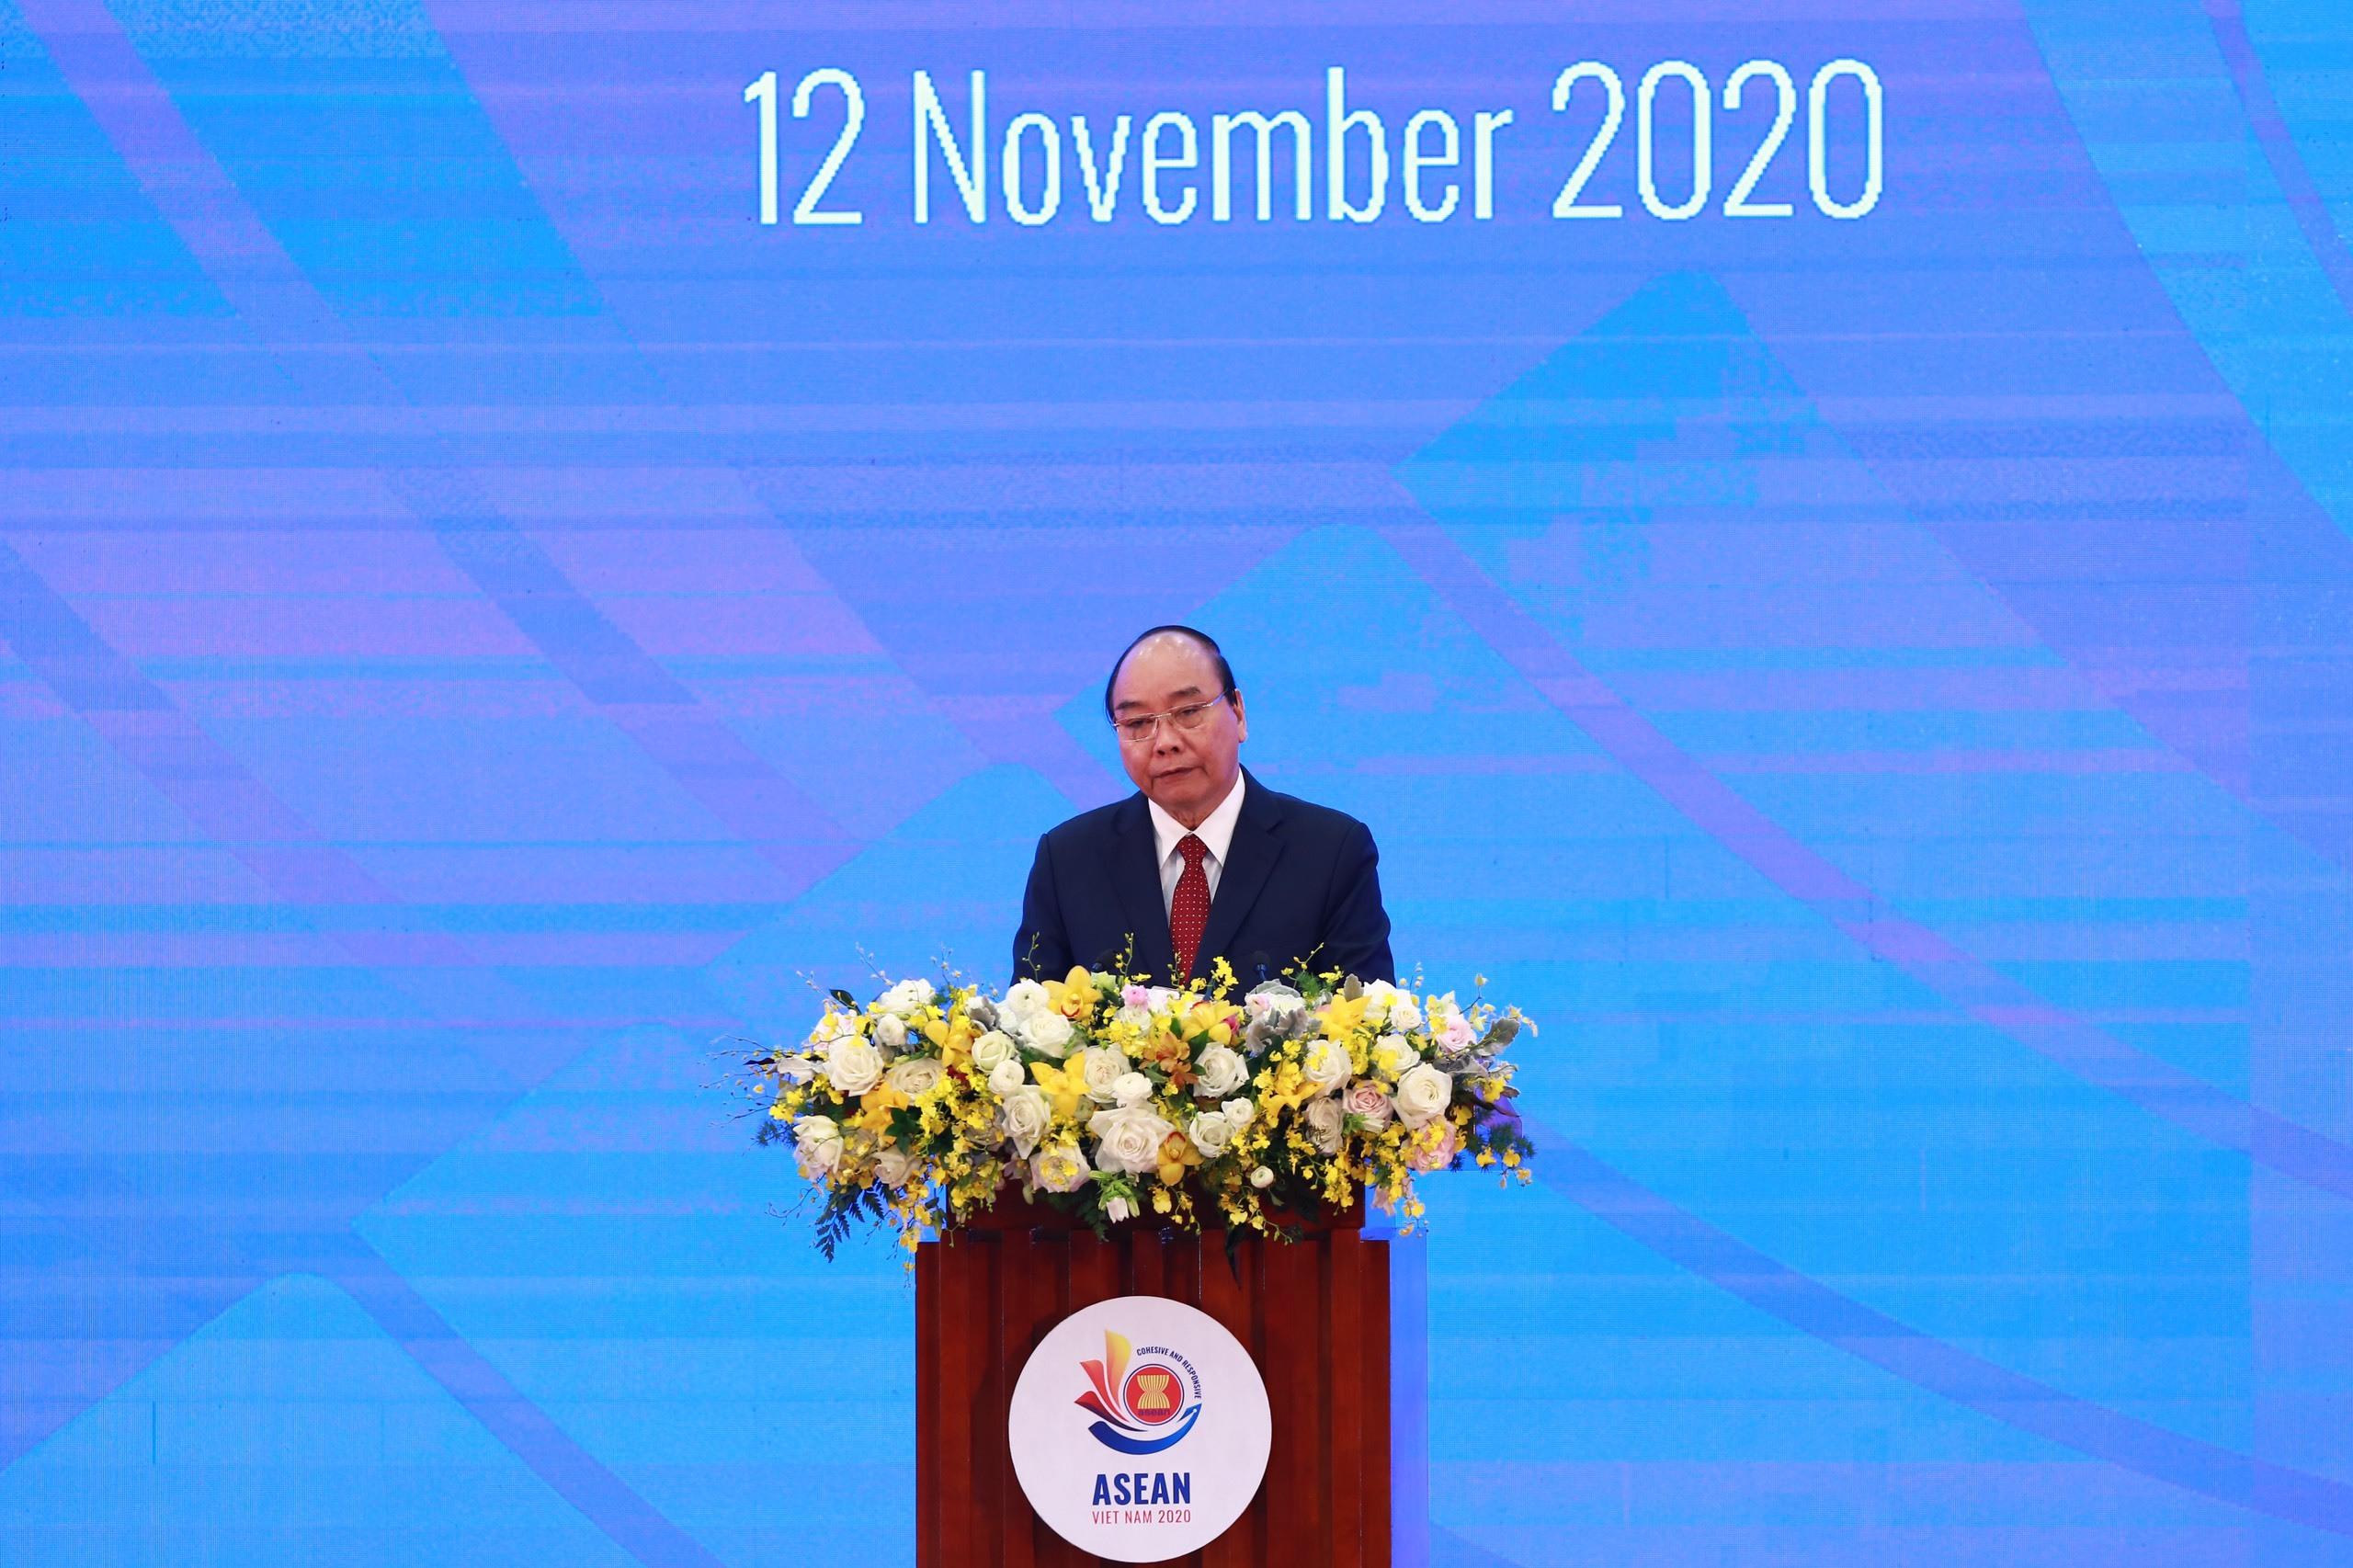 Hội nghị Cấp cao ASEAN lần thứ 37,ASEAN 37,ASEAN 2020